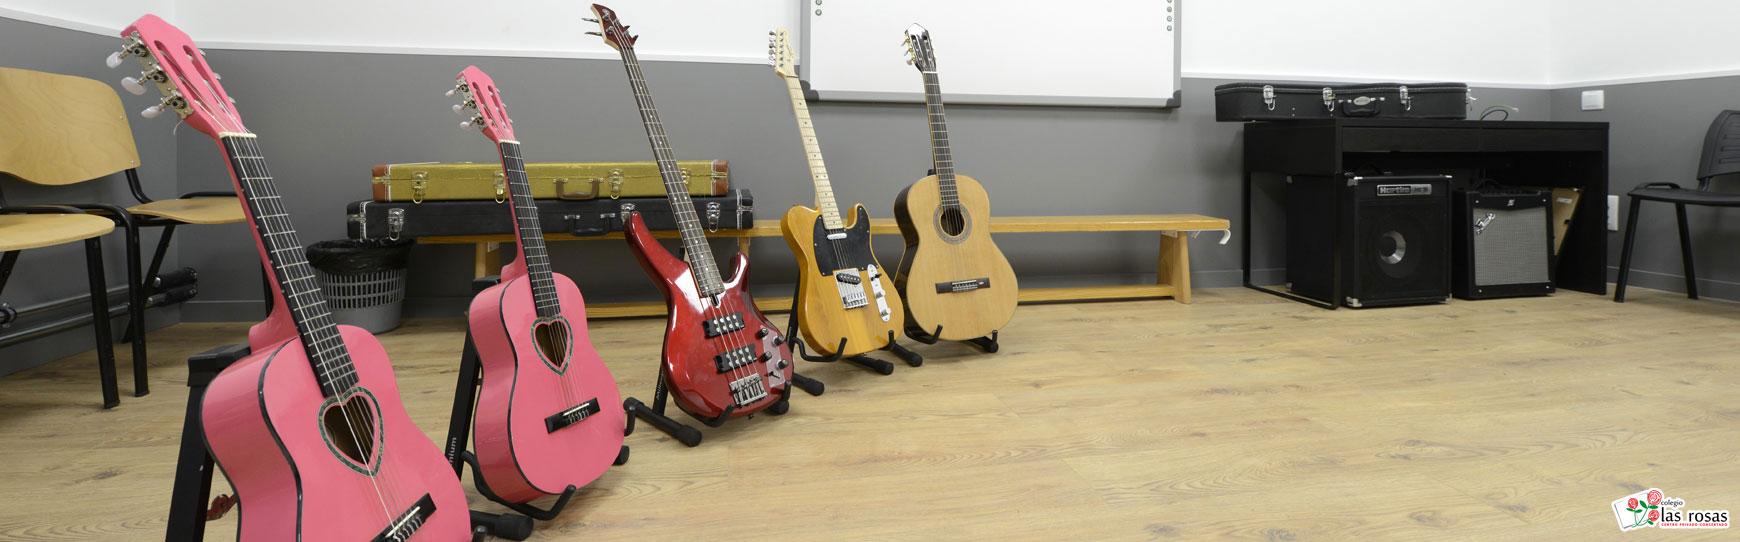 Escuela de Música Las Rosas